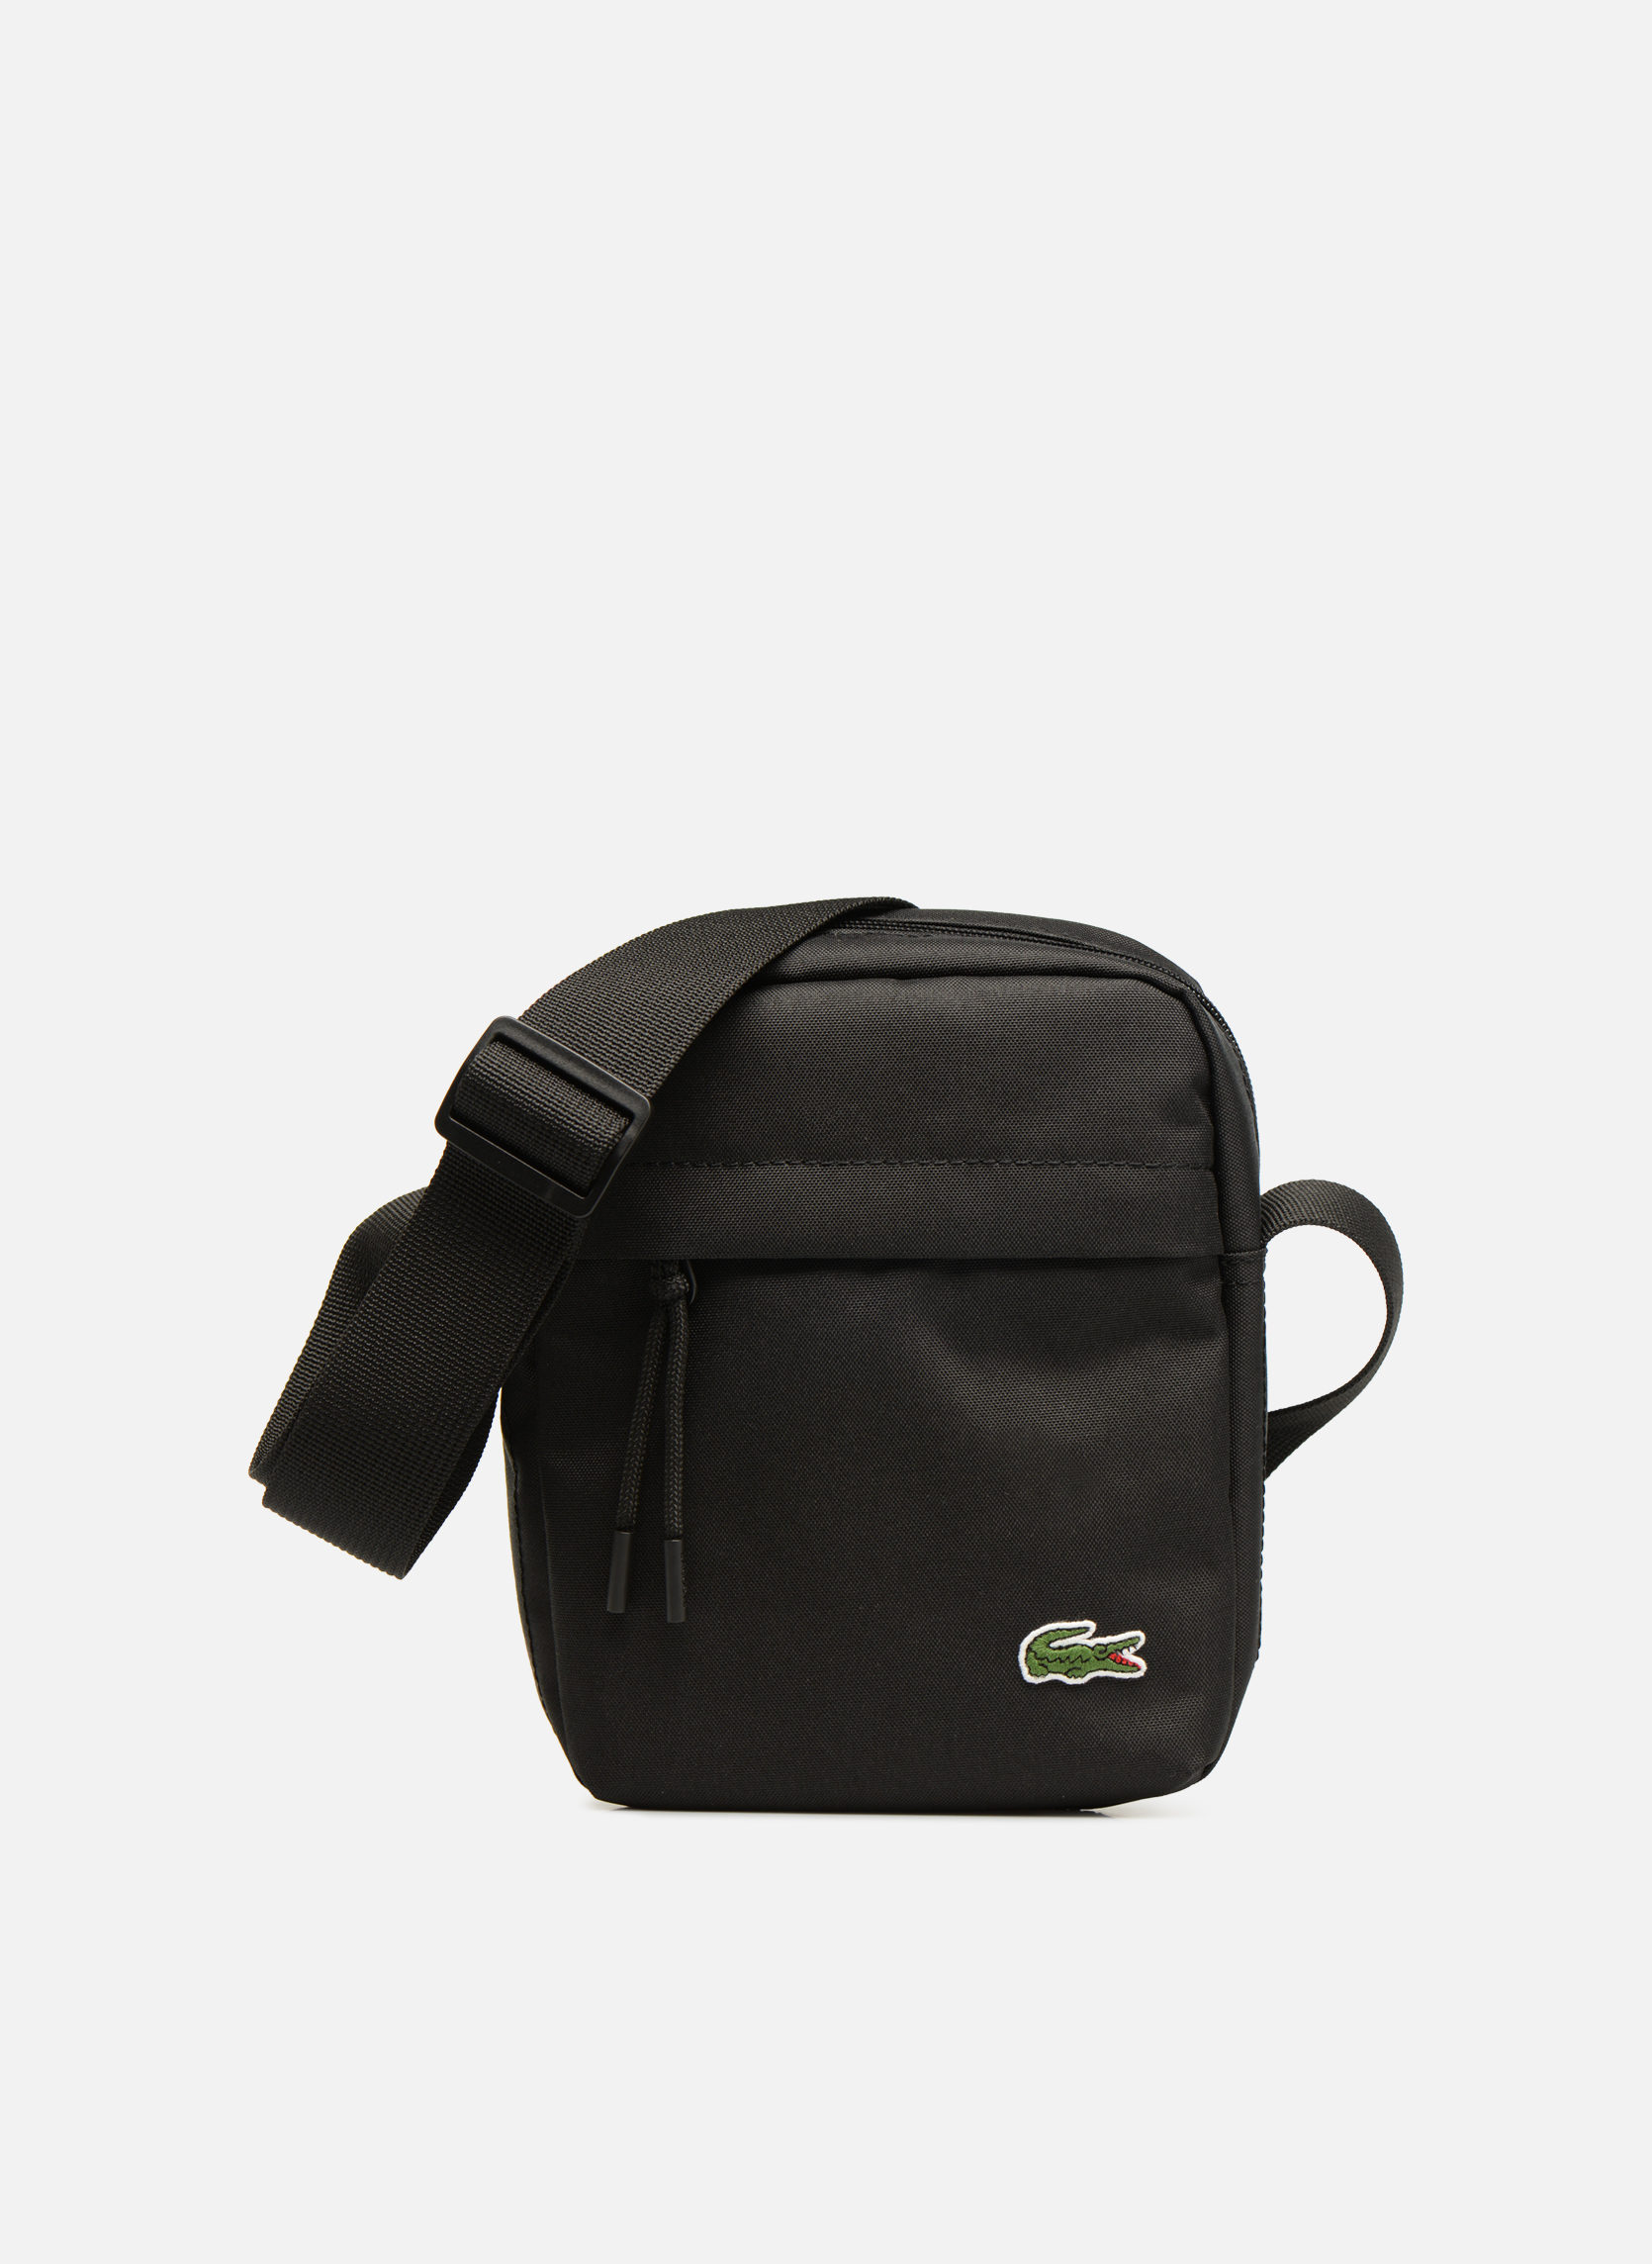 Men's bags Bags Neocroc Vertical Camera Bag